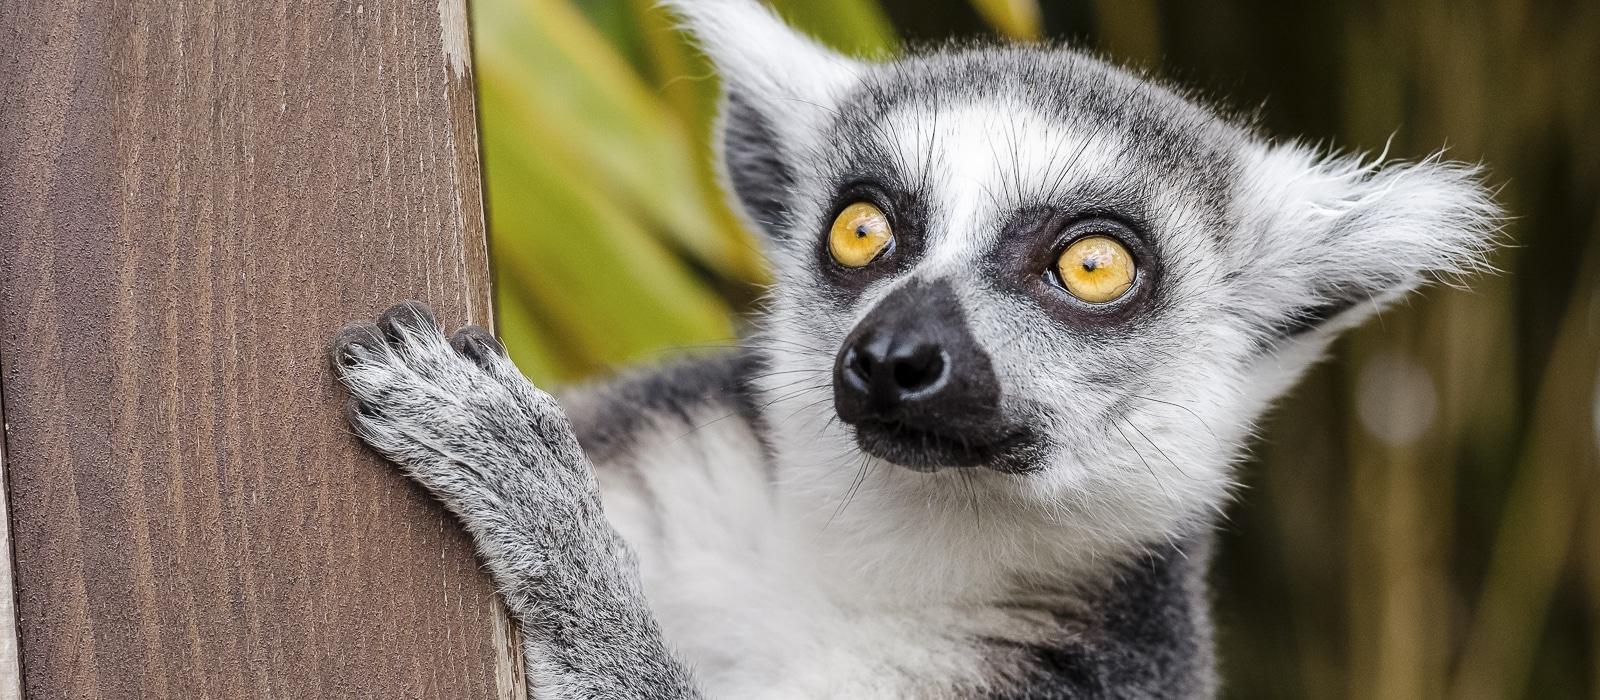 img-diapo-entete - Madagascar-1600x700-14.jpg